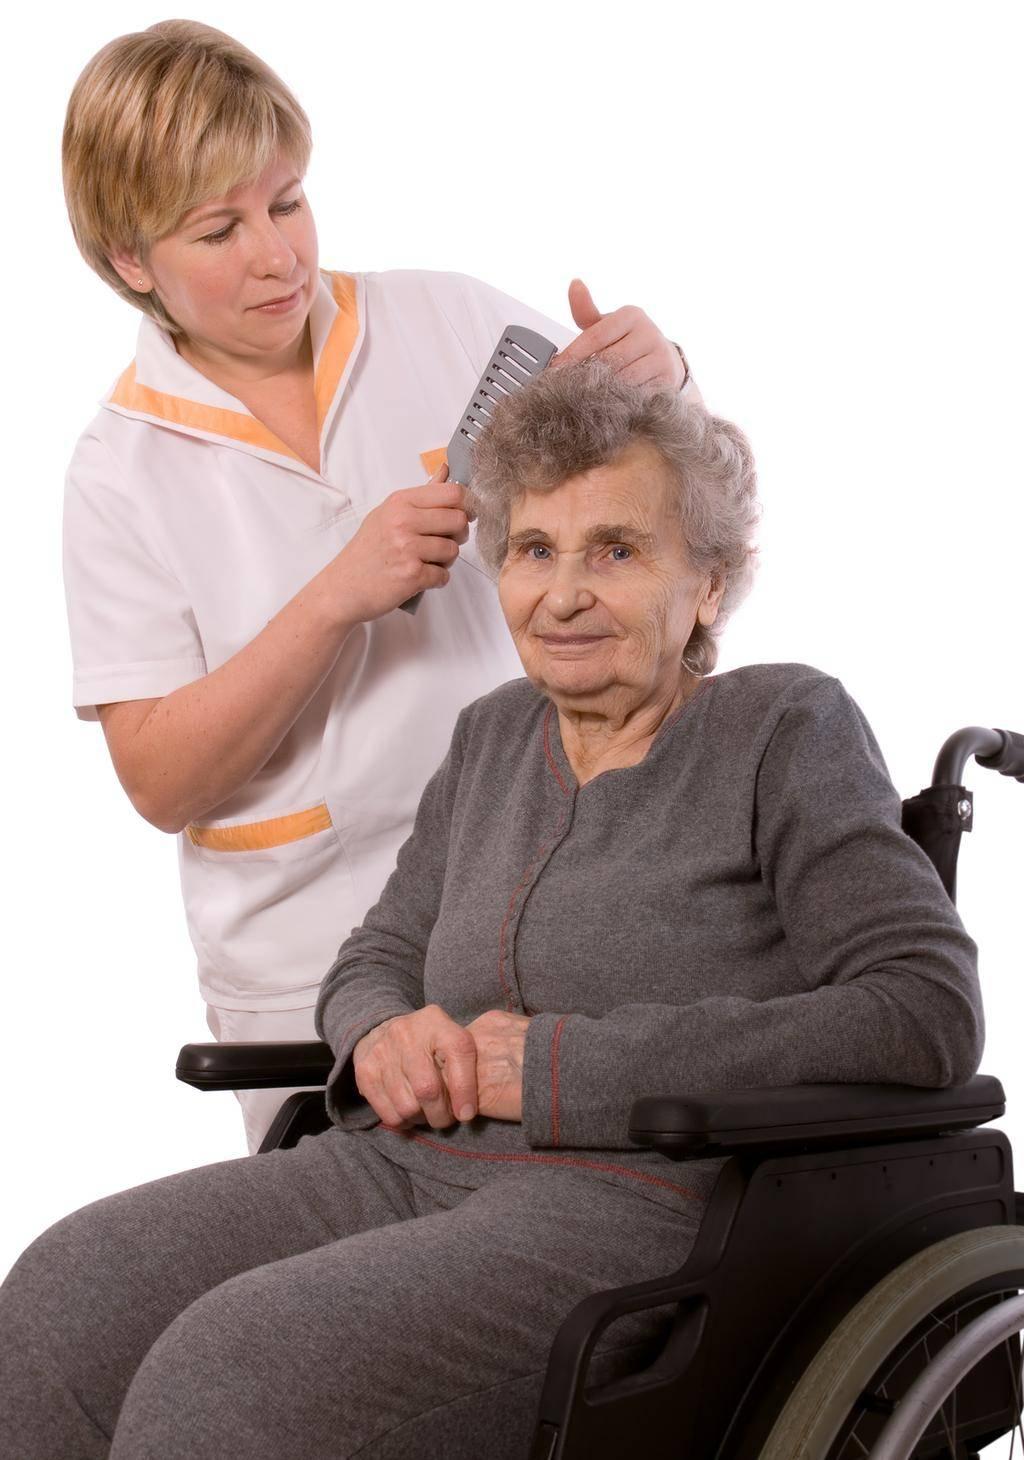 Nurse and pacient - 1 part 4